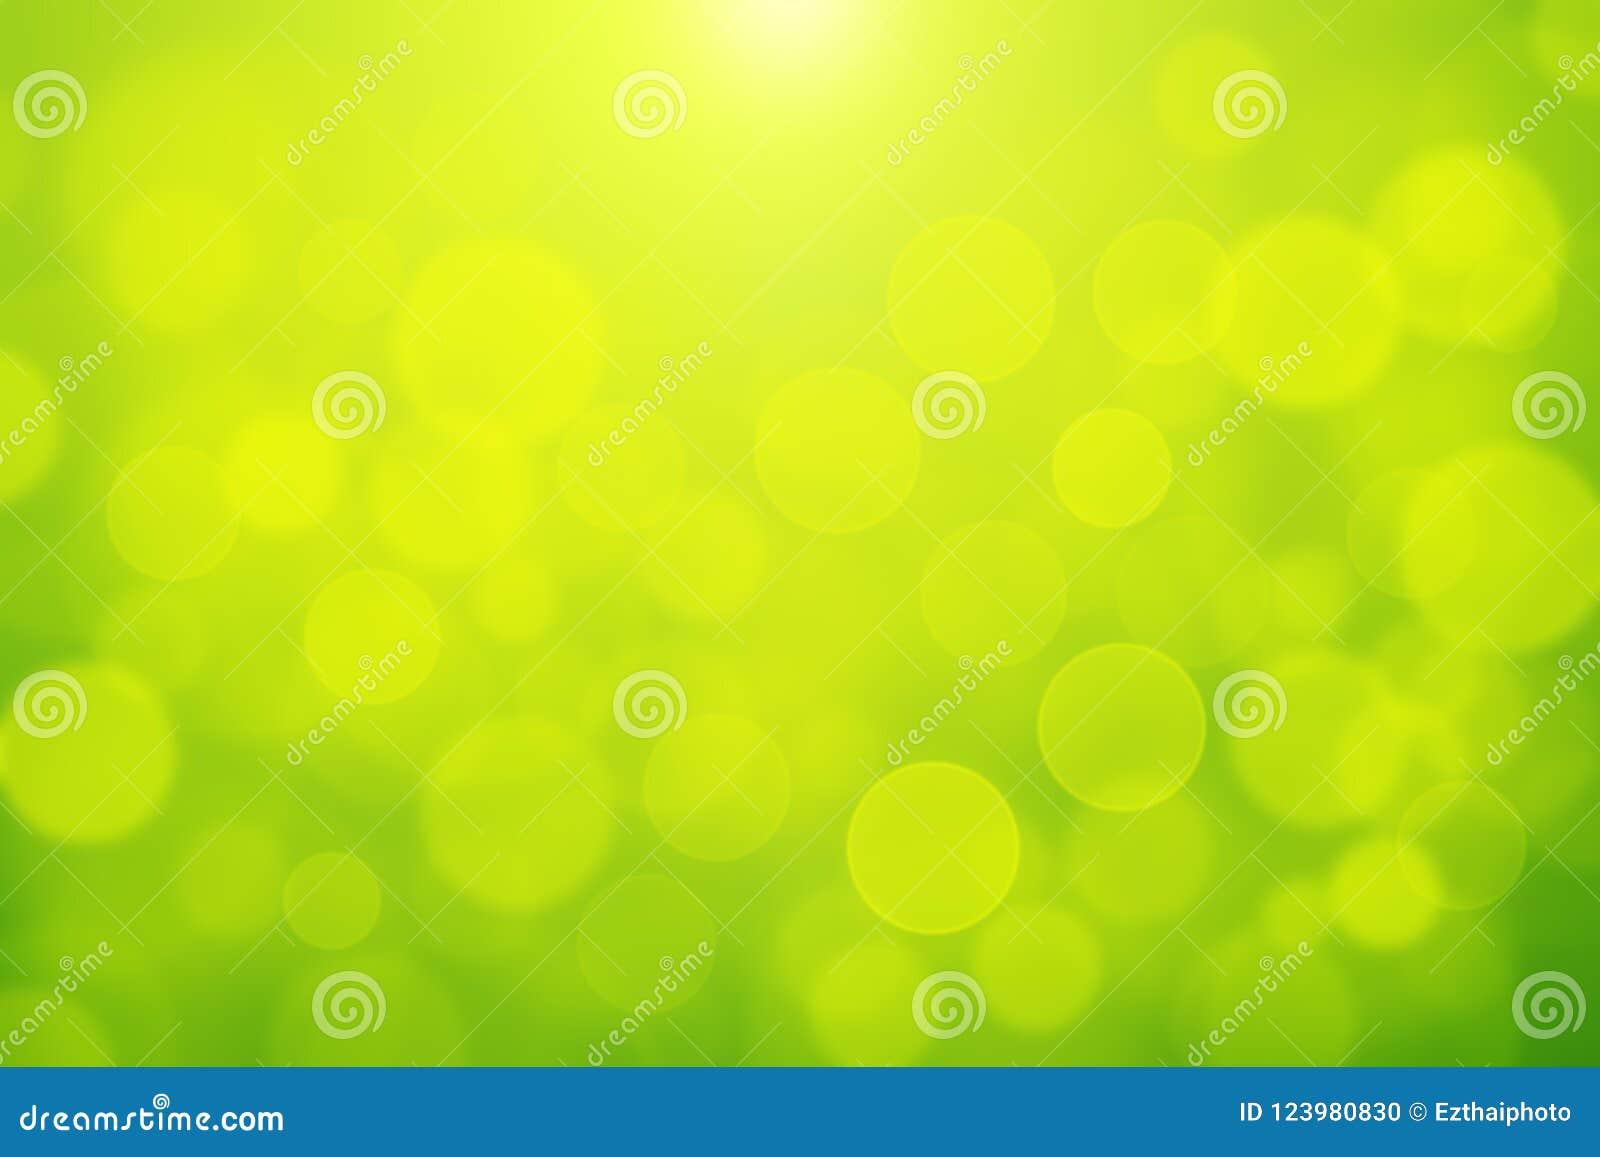 Πράσινο bokeh υποβάθρου bokeh αφηρημένο ελαφρύ άσπρο blurly στο κίτρινο και πράσινο υπόβαθρο